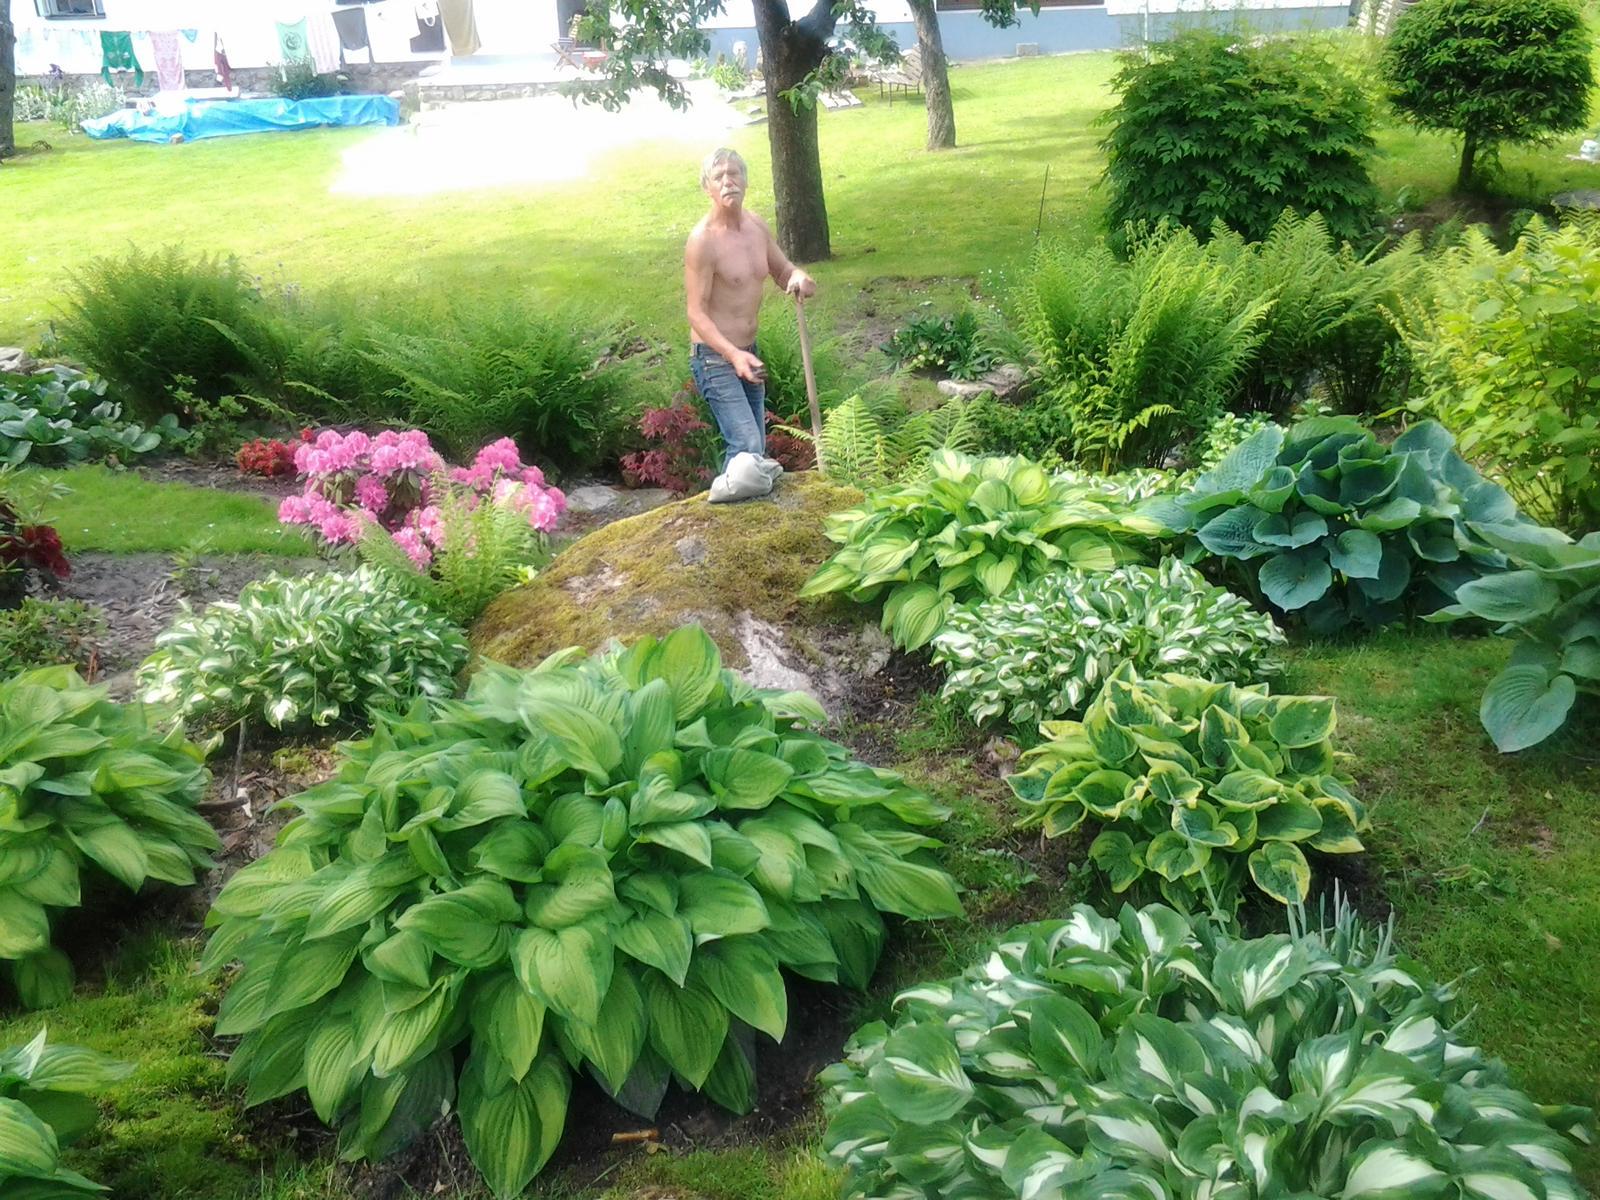 Jihočeská venkovská zahrada. - Hosty jsou vděčné.